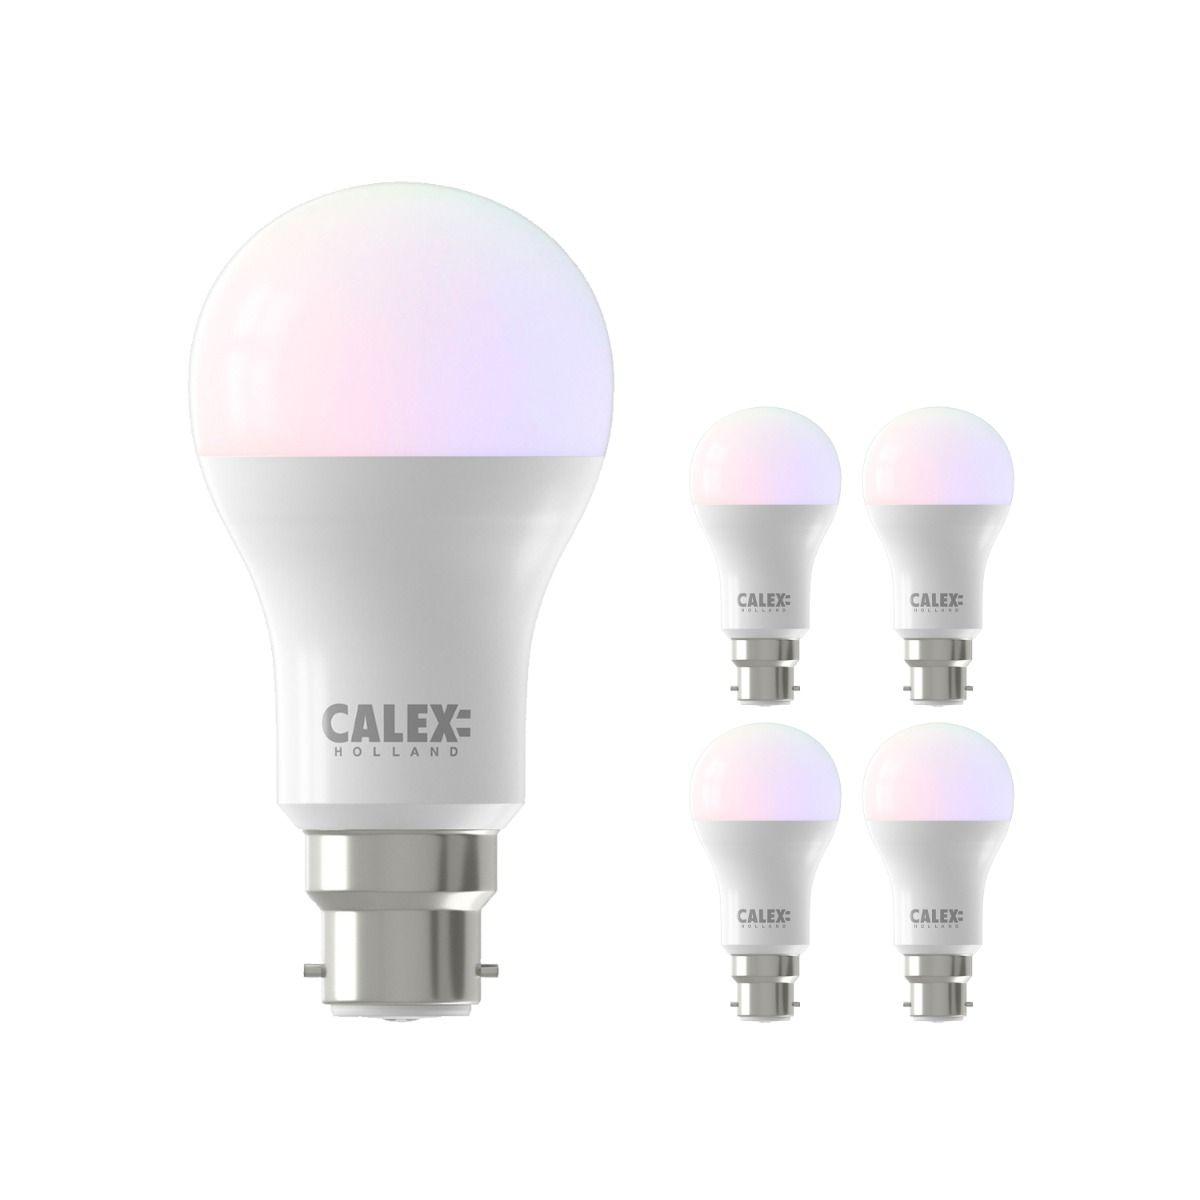 Multipack 5x Calex Smart Standard LED Bulb B22 8,5W 806lm 2200-4000K | Tuya Wifi